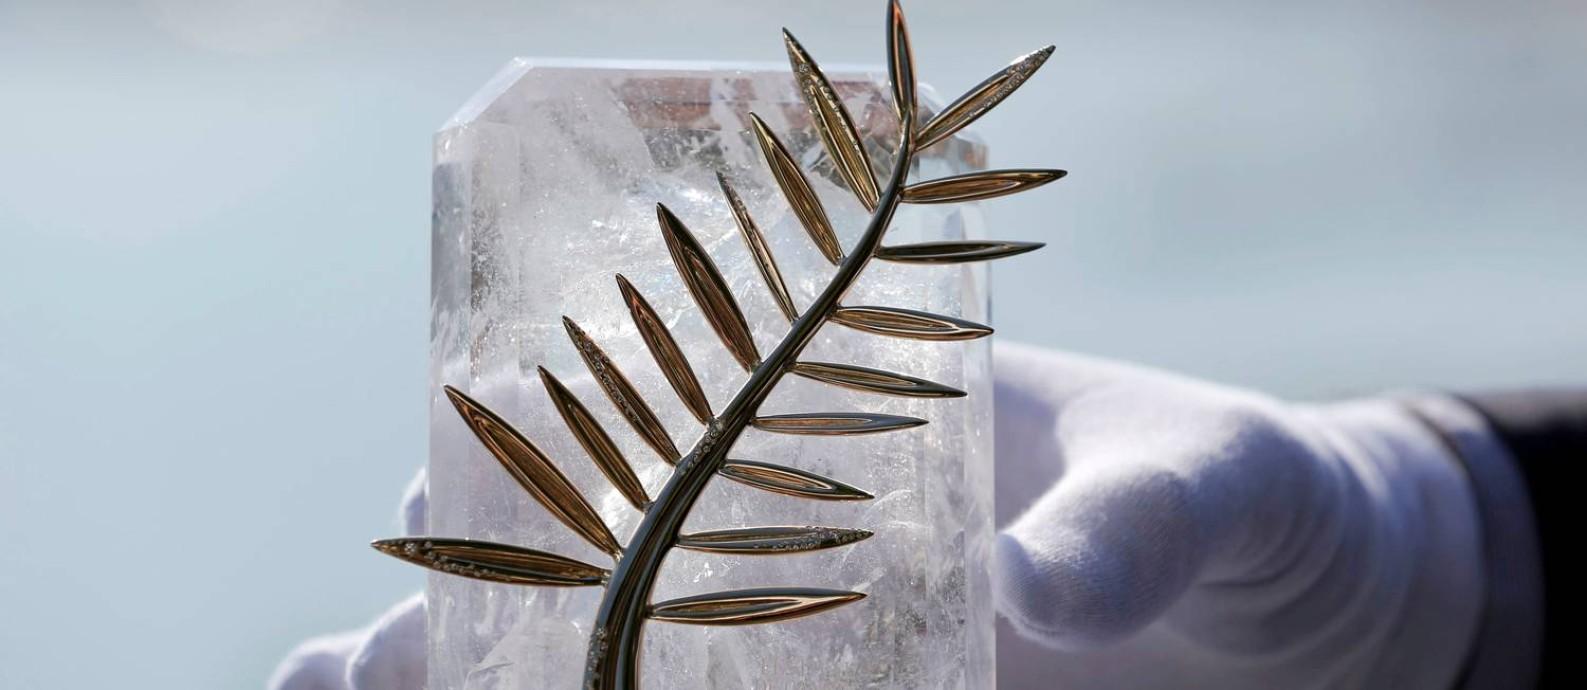 A Palma de ouro, principal prêmio disputado no Festival de Cannes Foto: Divulgação / Divulgação